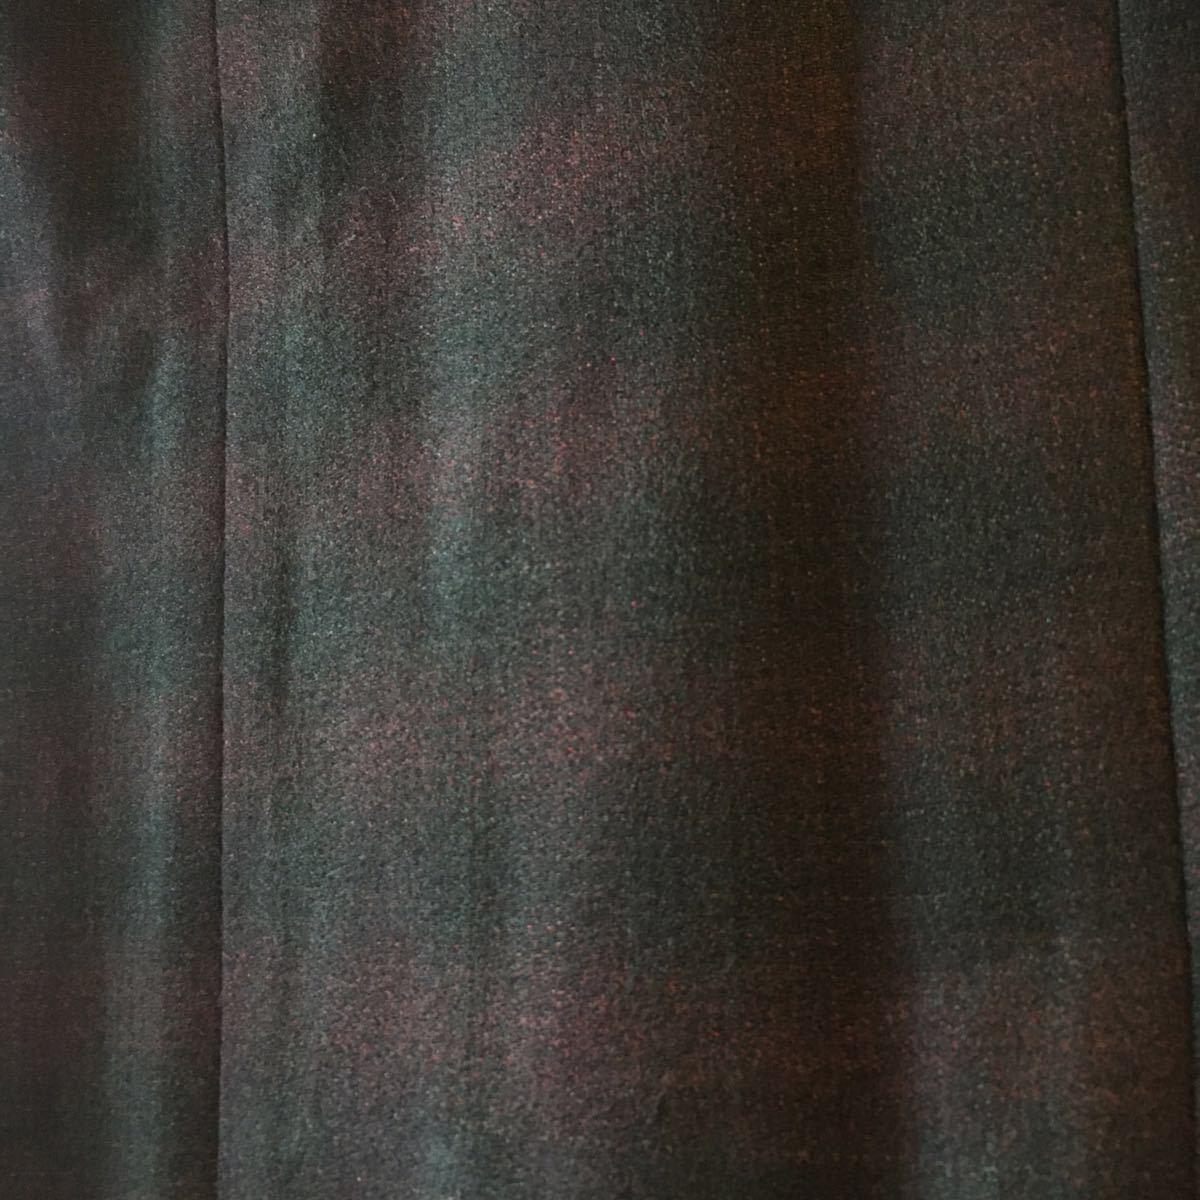 1960's オンブレ ビンテージ テーラードジャケット HAMPTON HEATH シャドーチェック モッズ アイビー UK 黒 ブラック 50s 70s_画像9